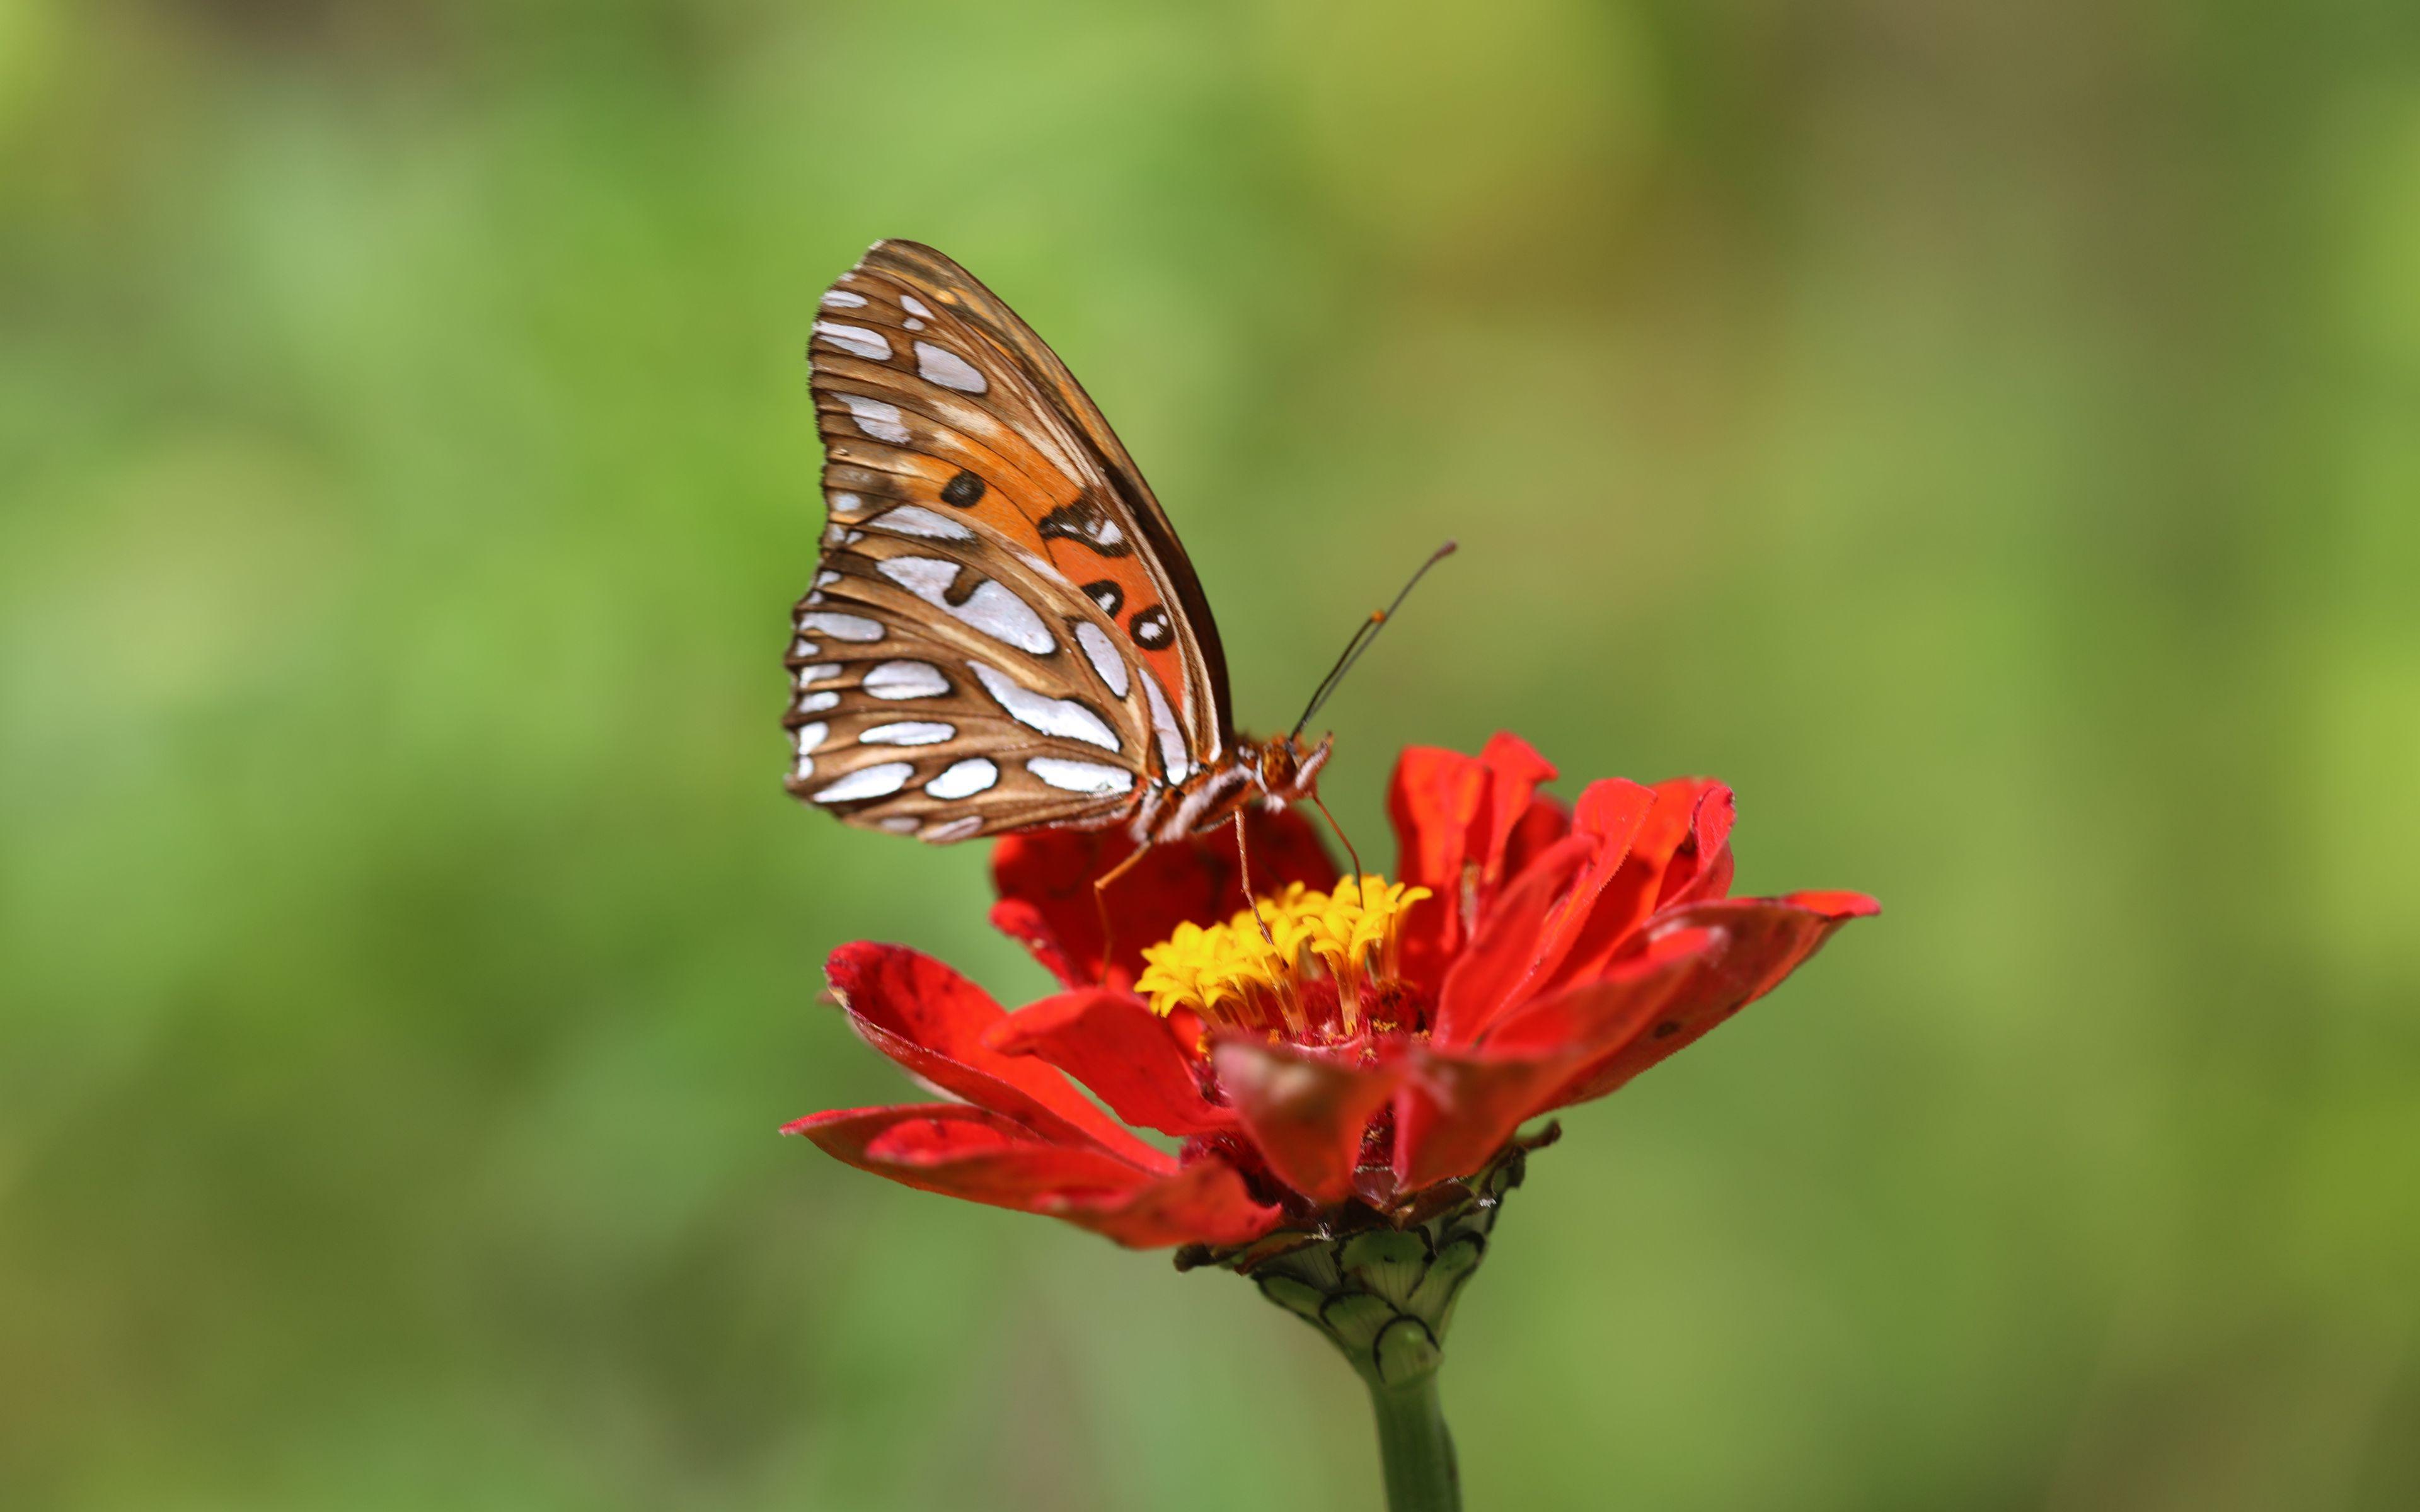 Fondos de pantalla Mariposa en flor roja